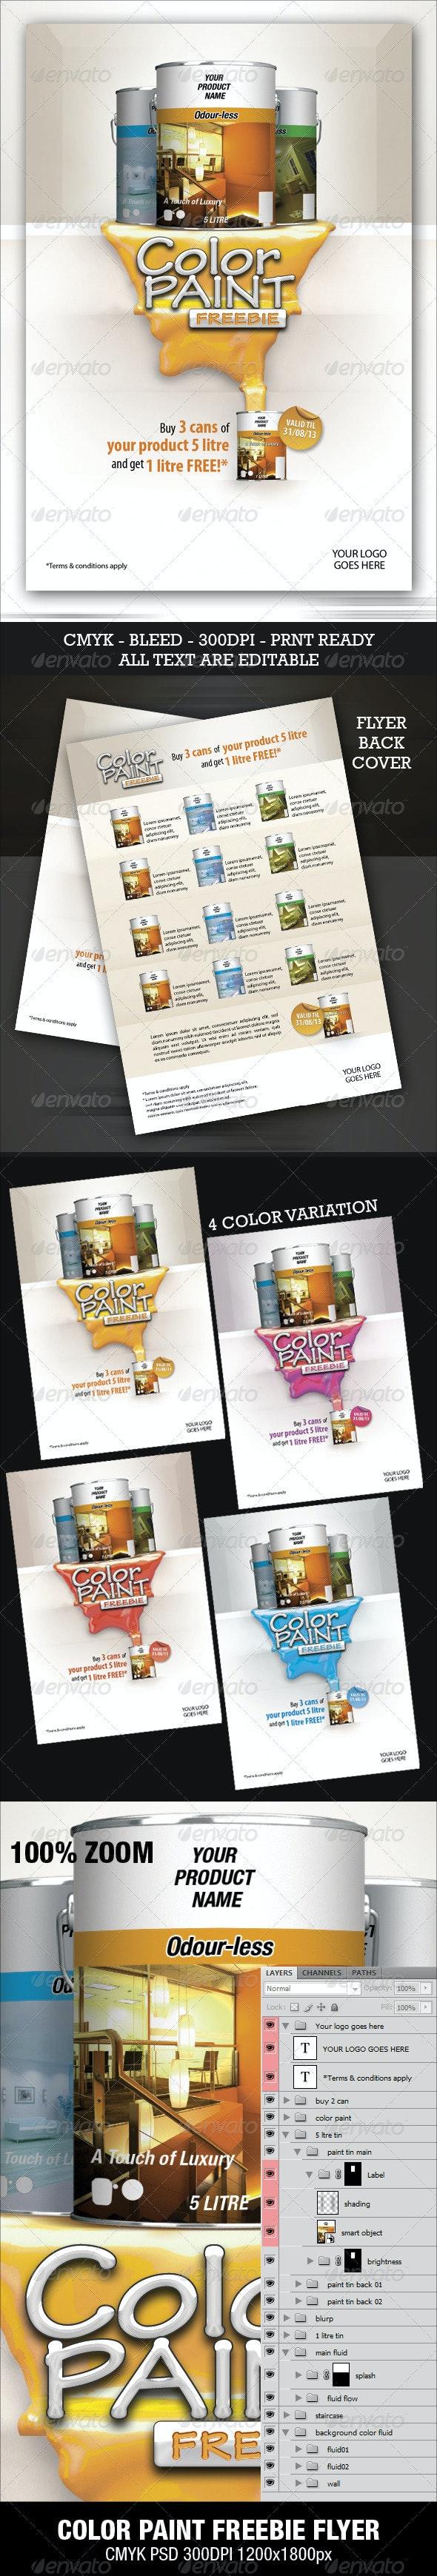 Color Paint Freebie Flyer - Commerce Flyers